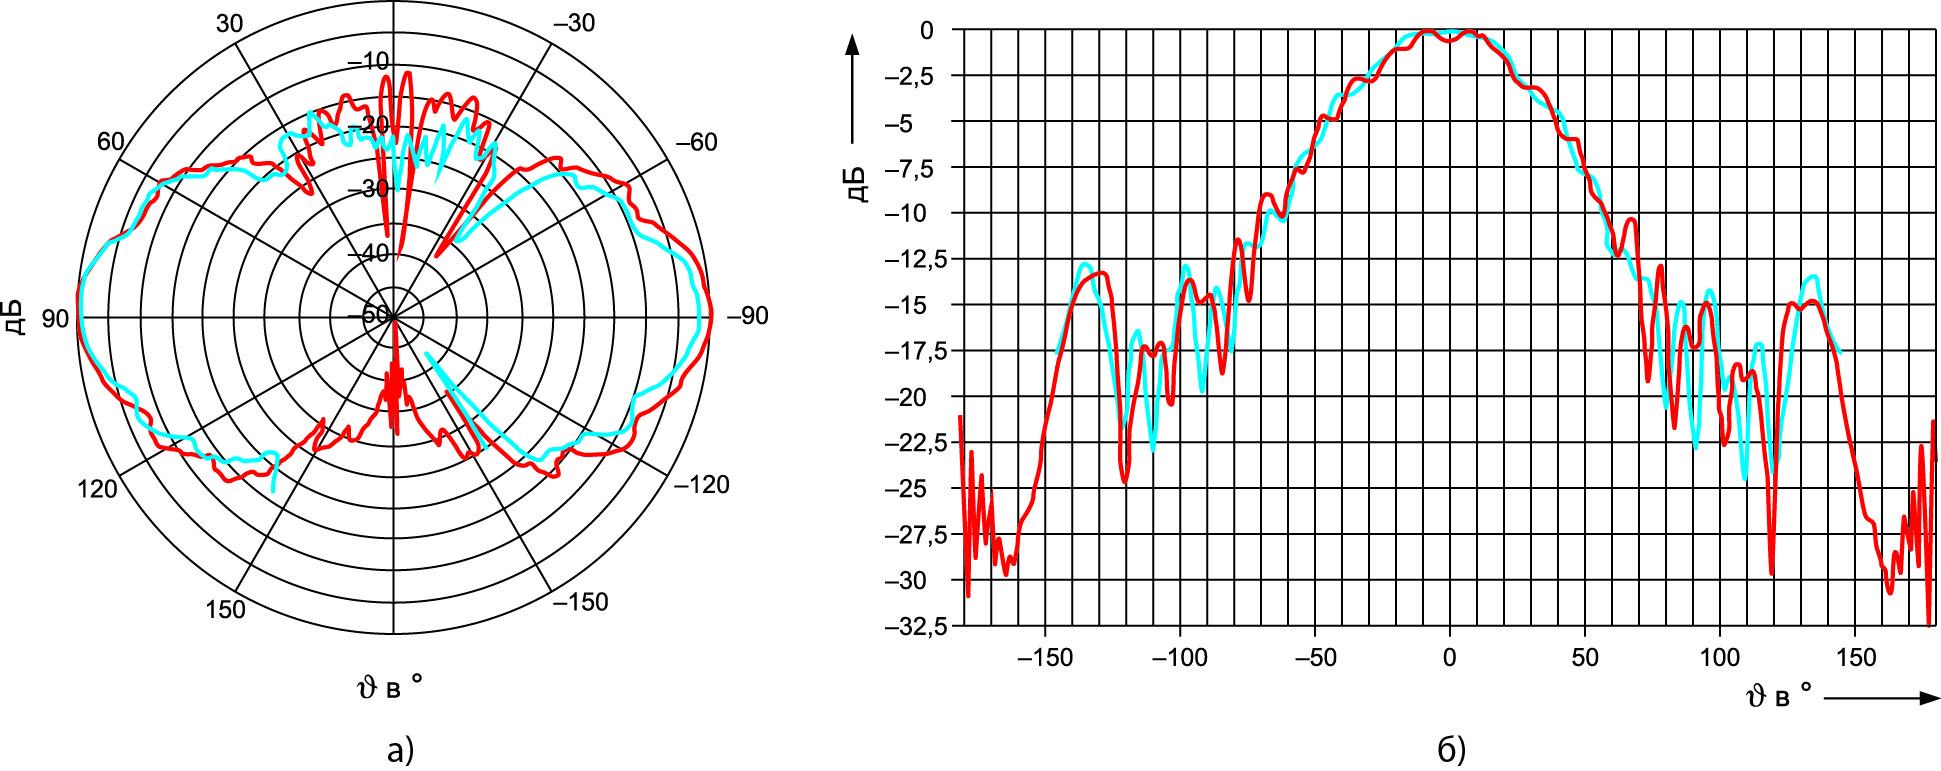 Условие дальней зоны удовлетворено с запасом, поэтому ДН антенны вряд ли изменится после преобразования результатов измерения поля в ближней зоне в дальнюю зону